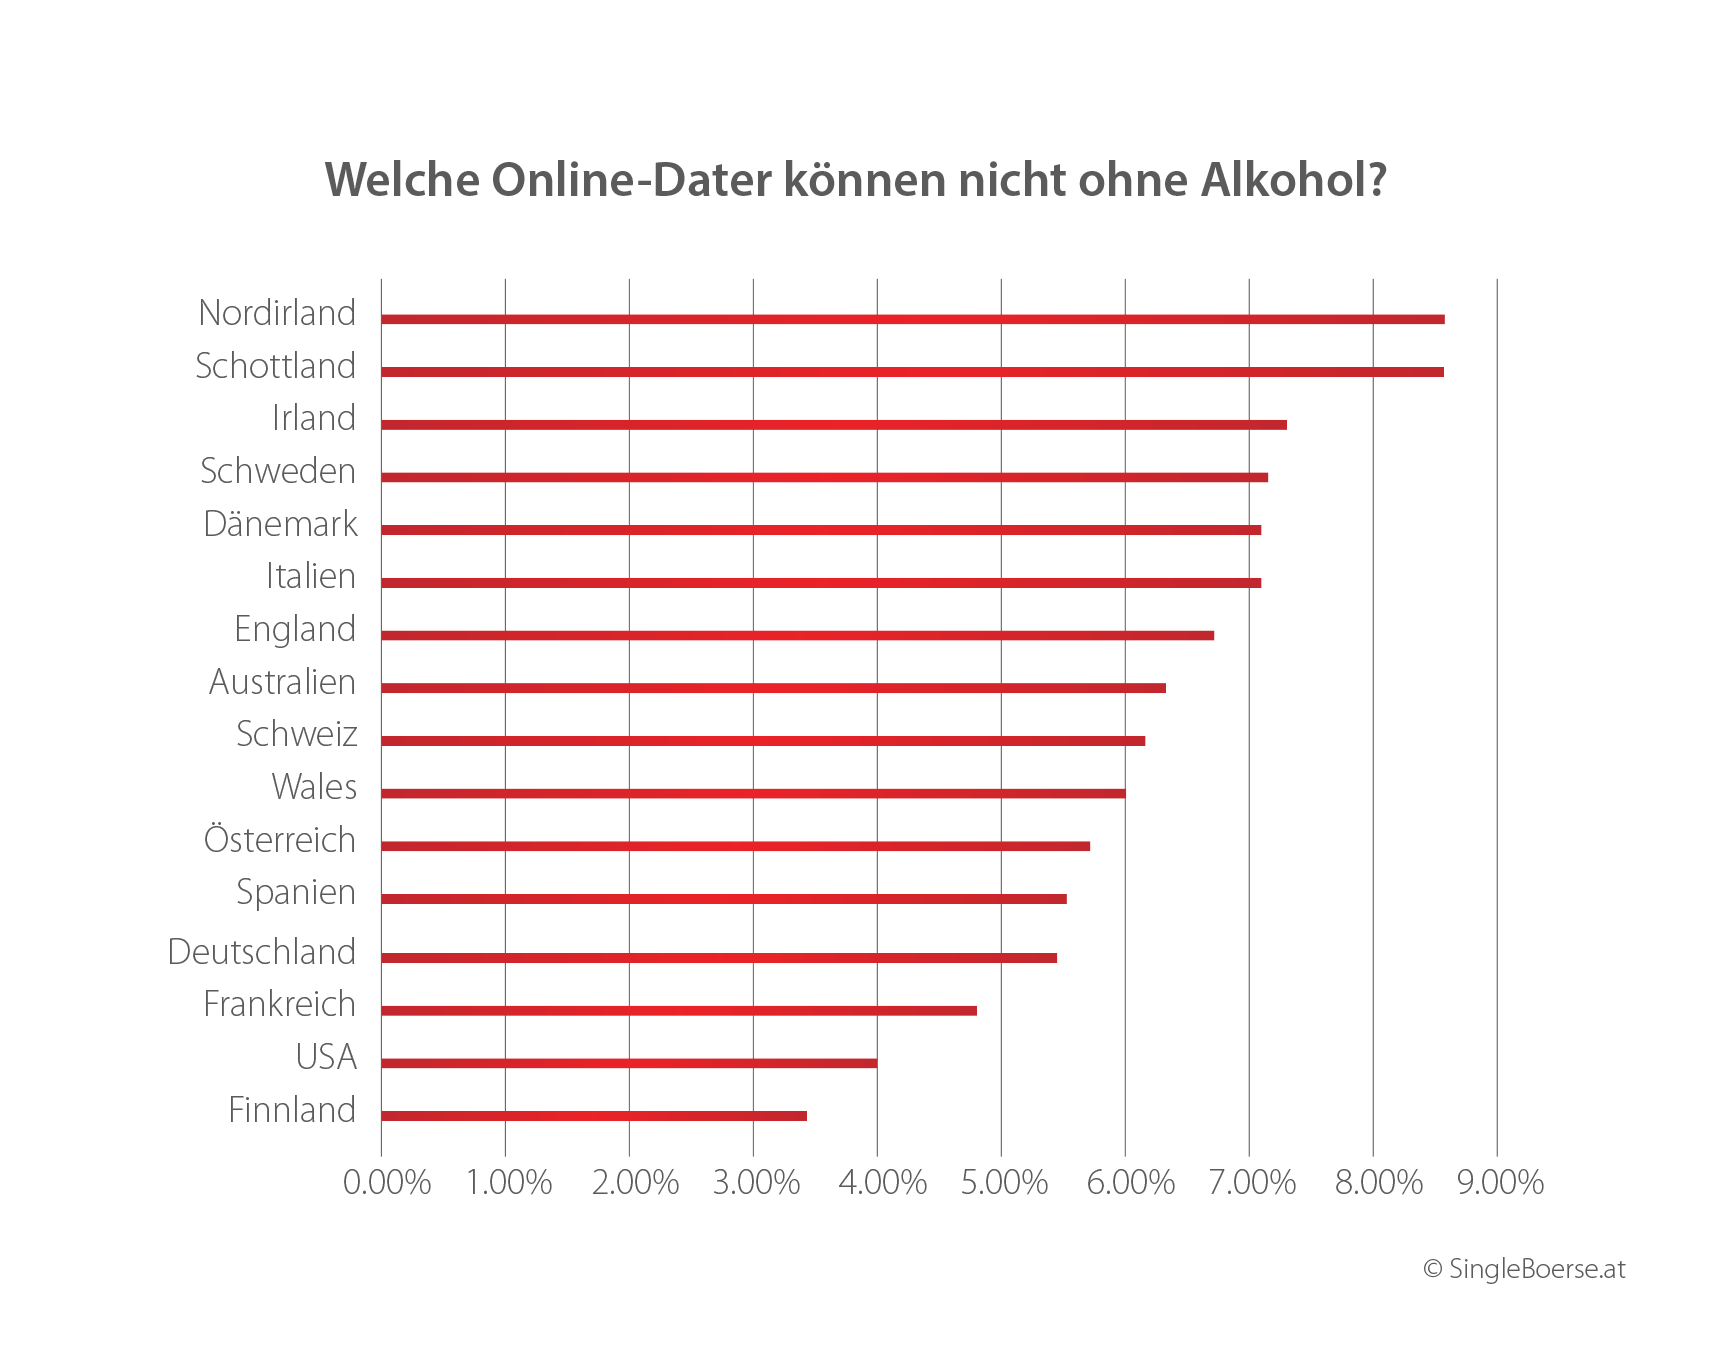 Wer zeigt sich am häufigsten mit Alkohol?